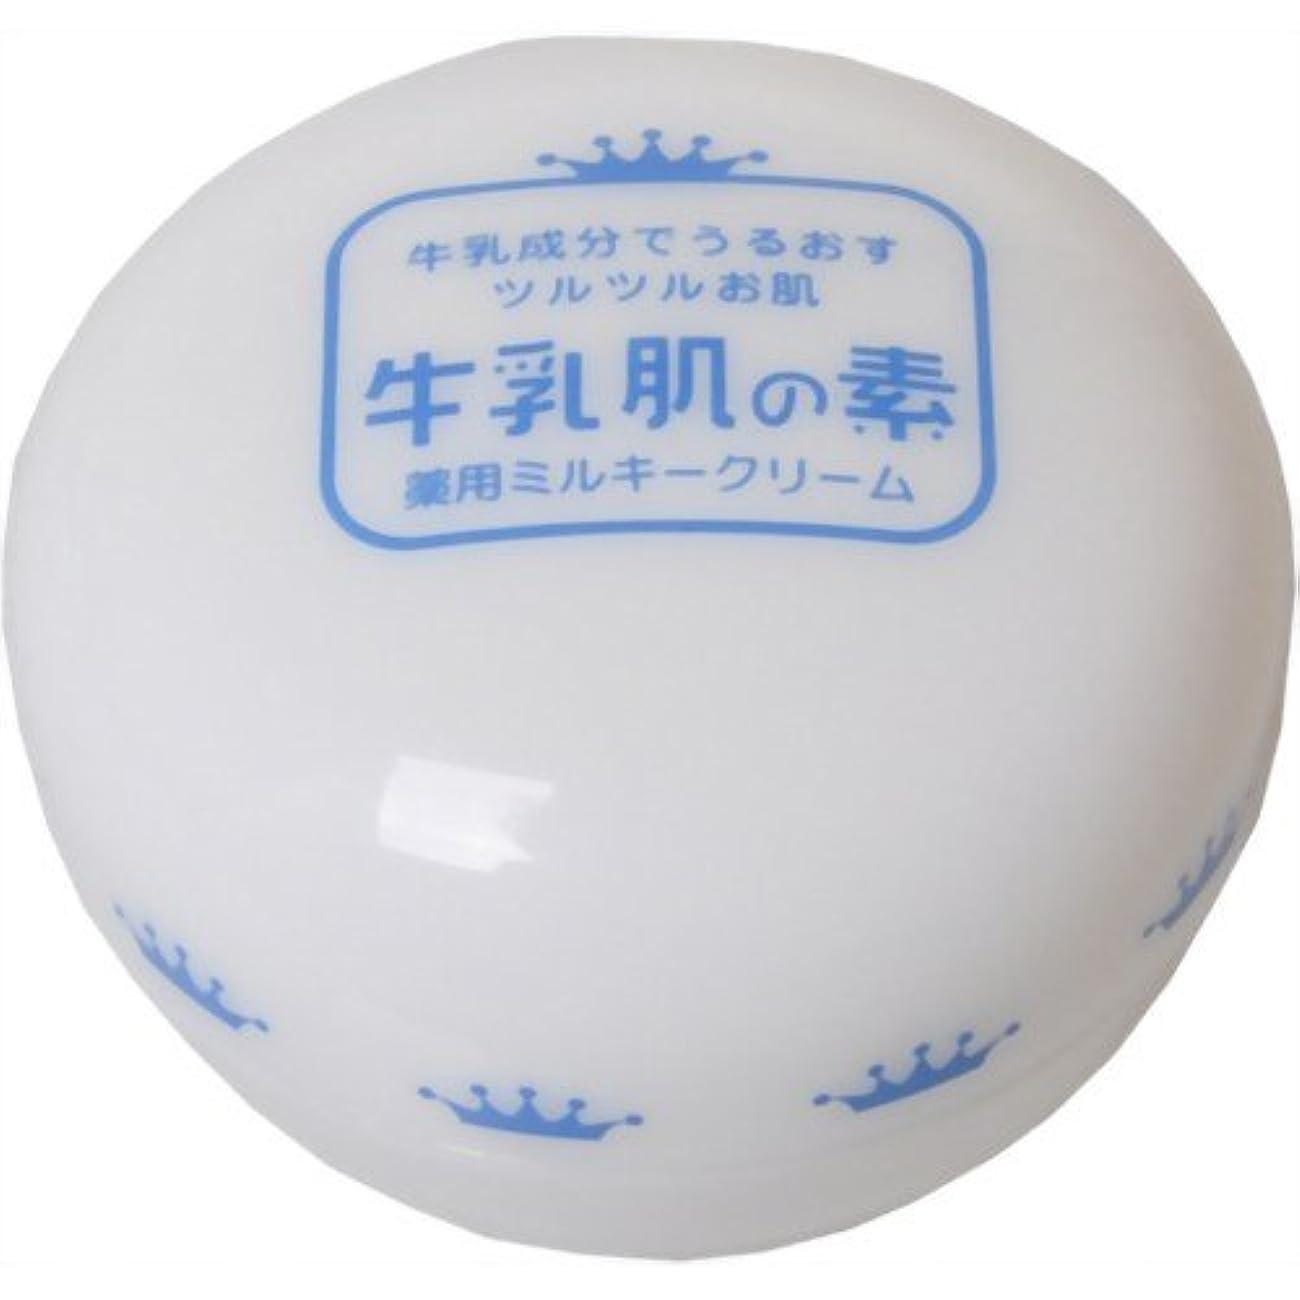 ナンセンスクラッチ臭い牛乳肌の素 薬用ミルキークリーム 20g